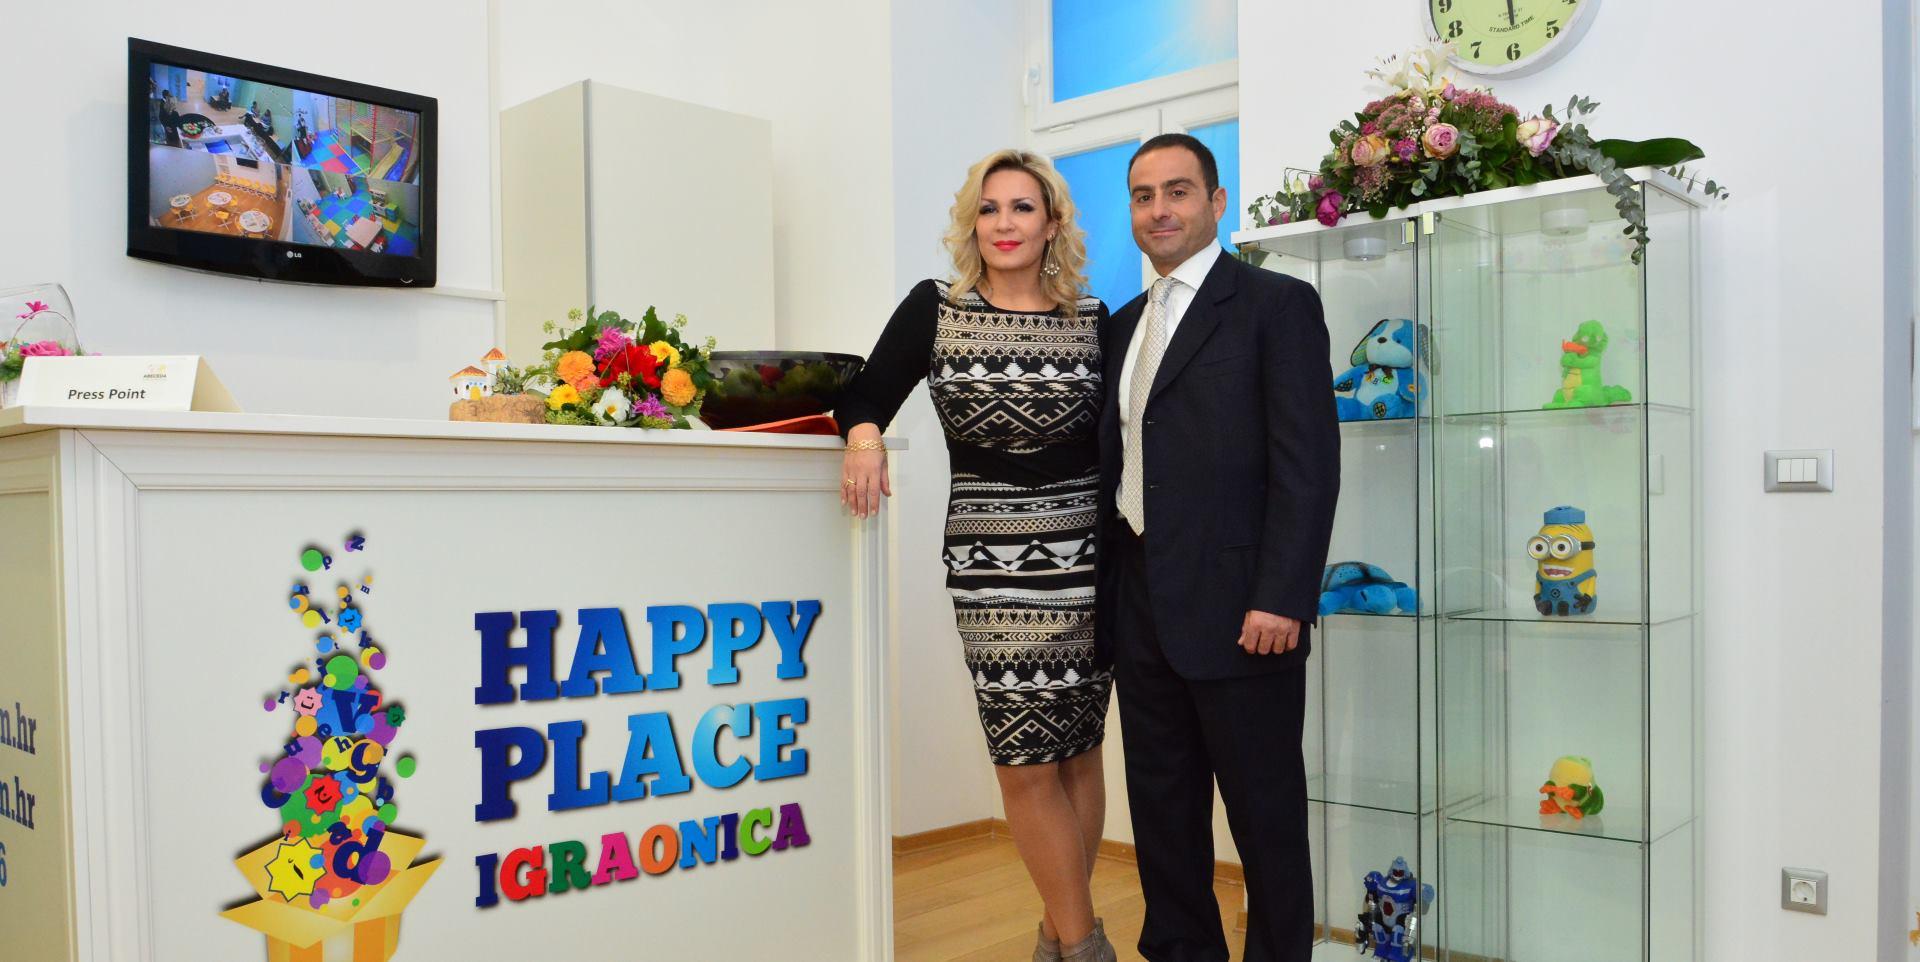 FOTO: Igraonica Happy Place – mjesto za igru, razvijanje kreativnosti i učenje stranih jezika